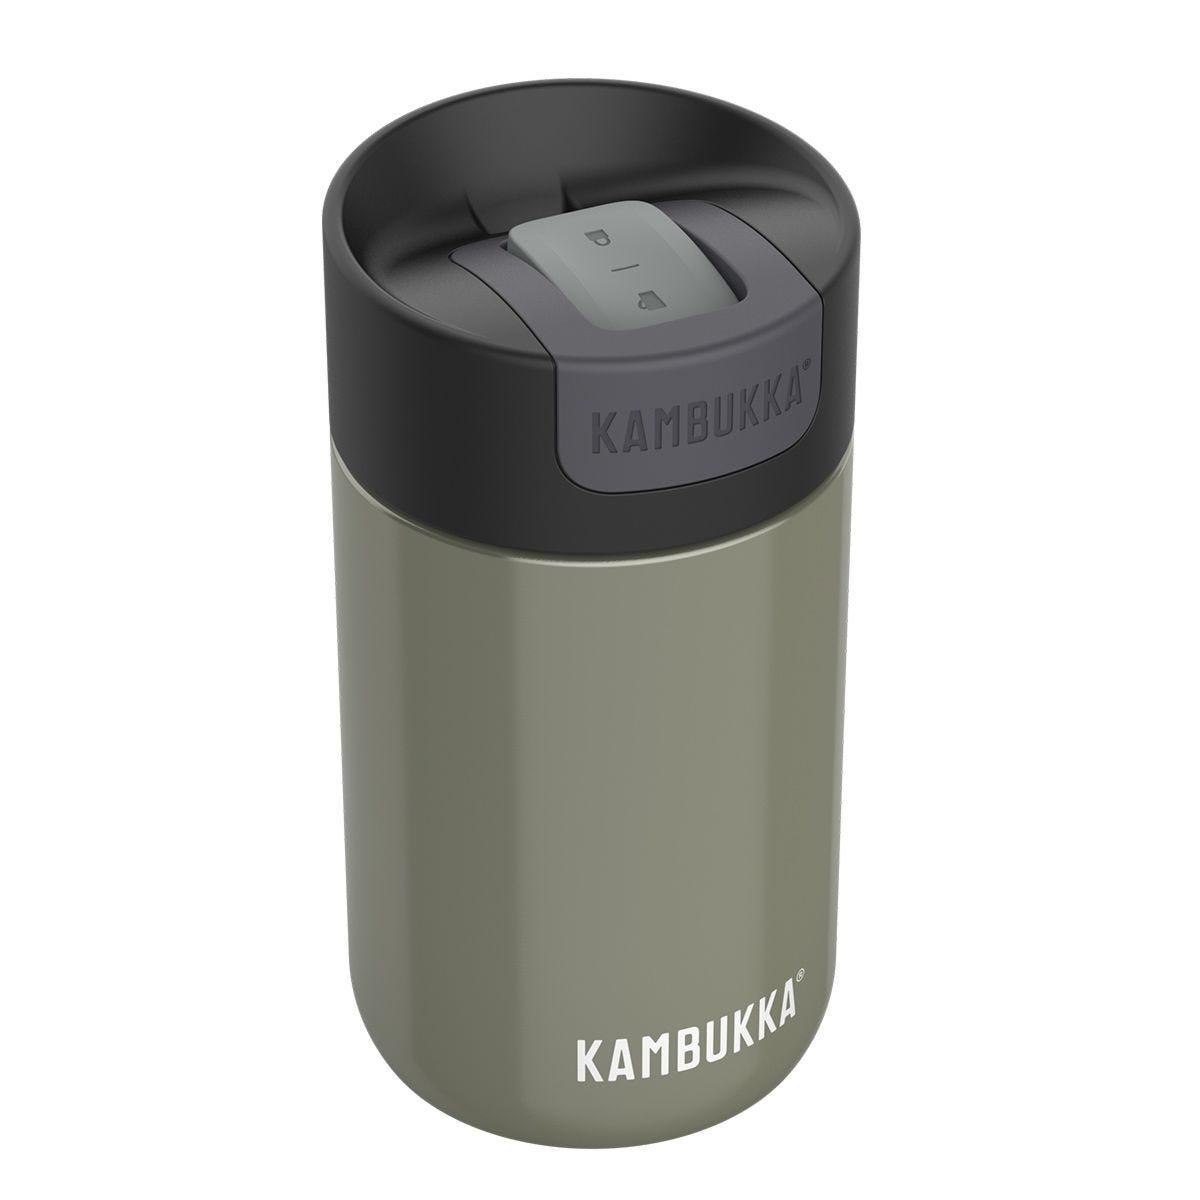 Kambukka Olympus 300ml Travel Mug - Champagne